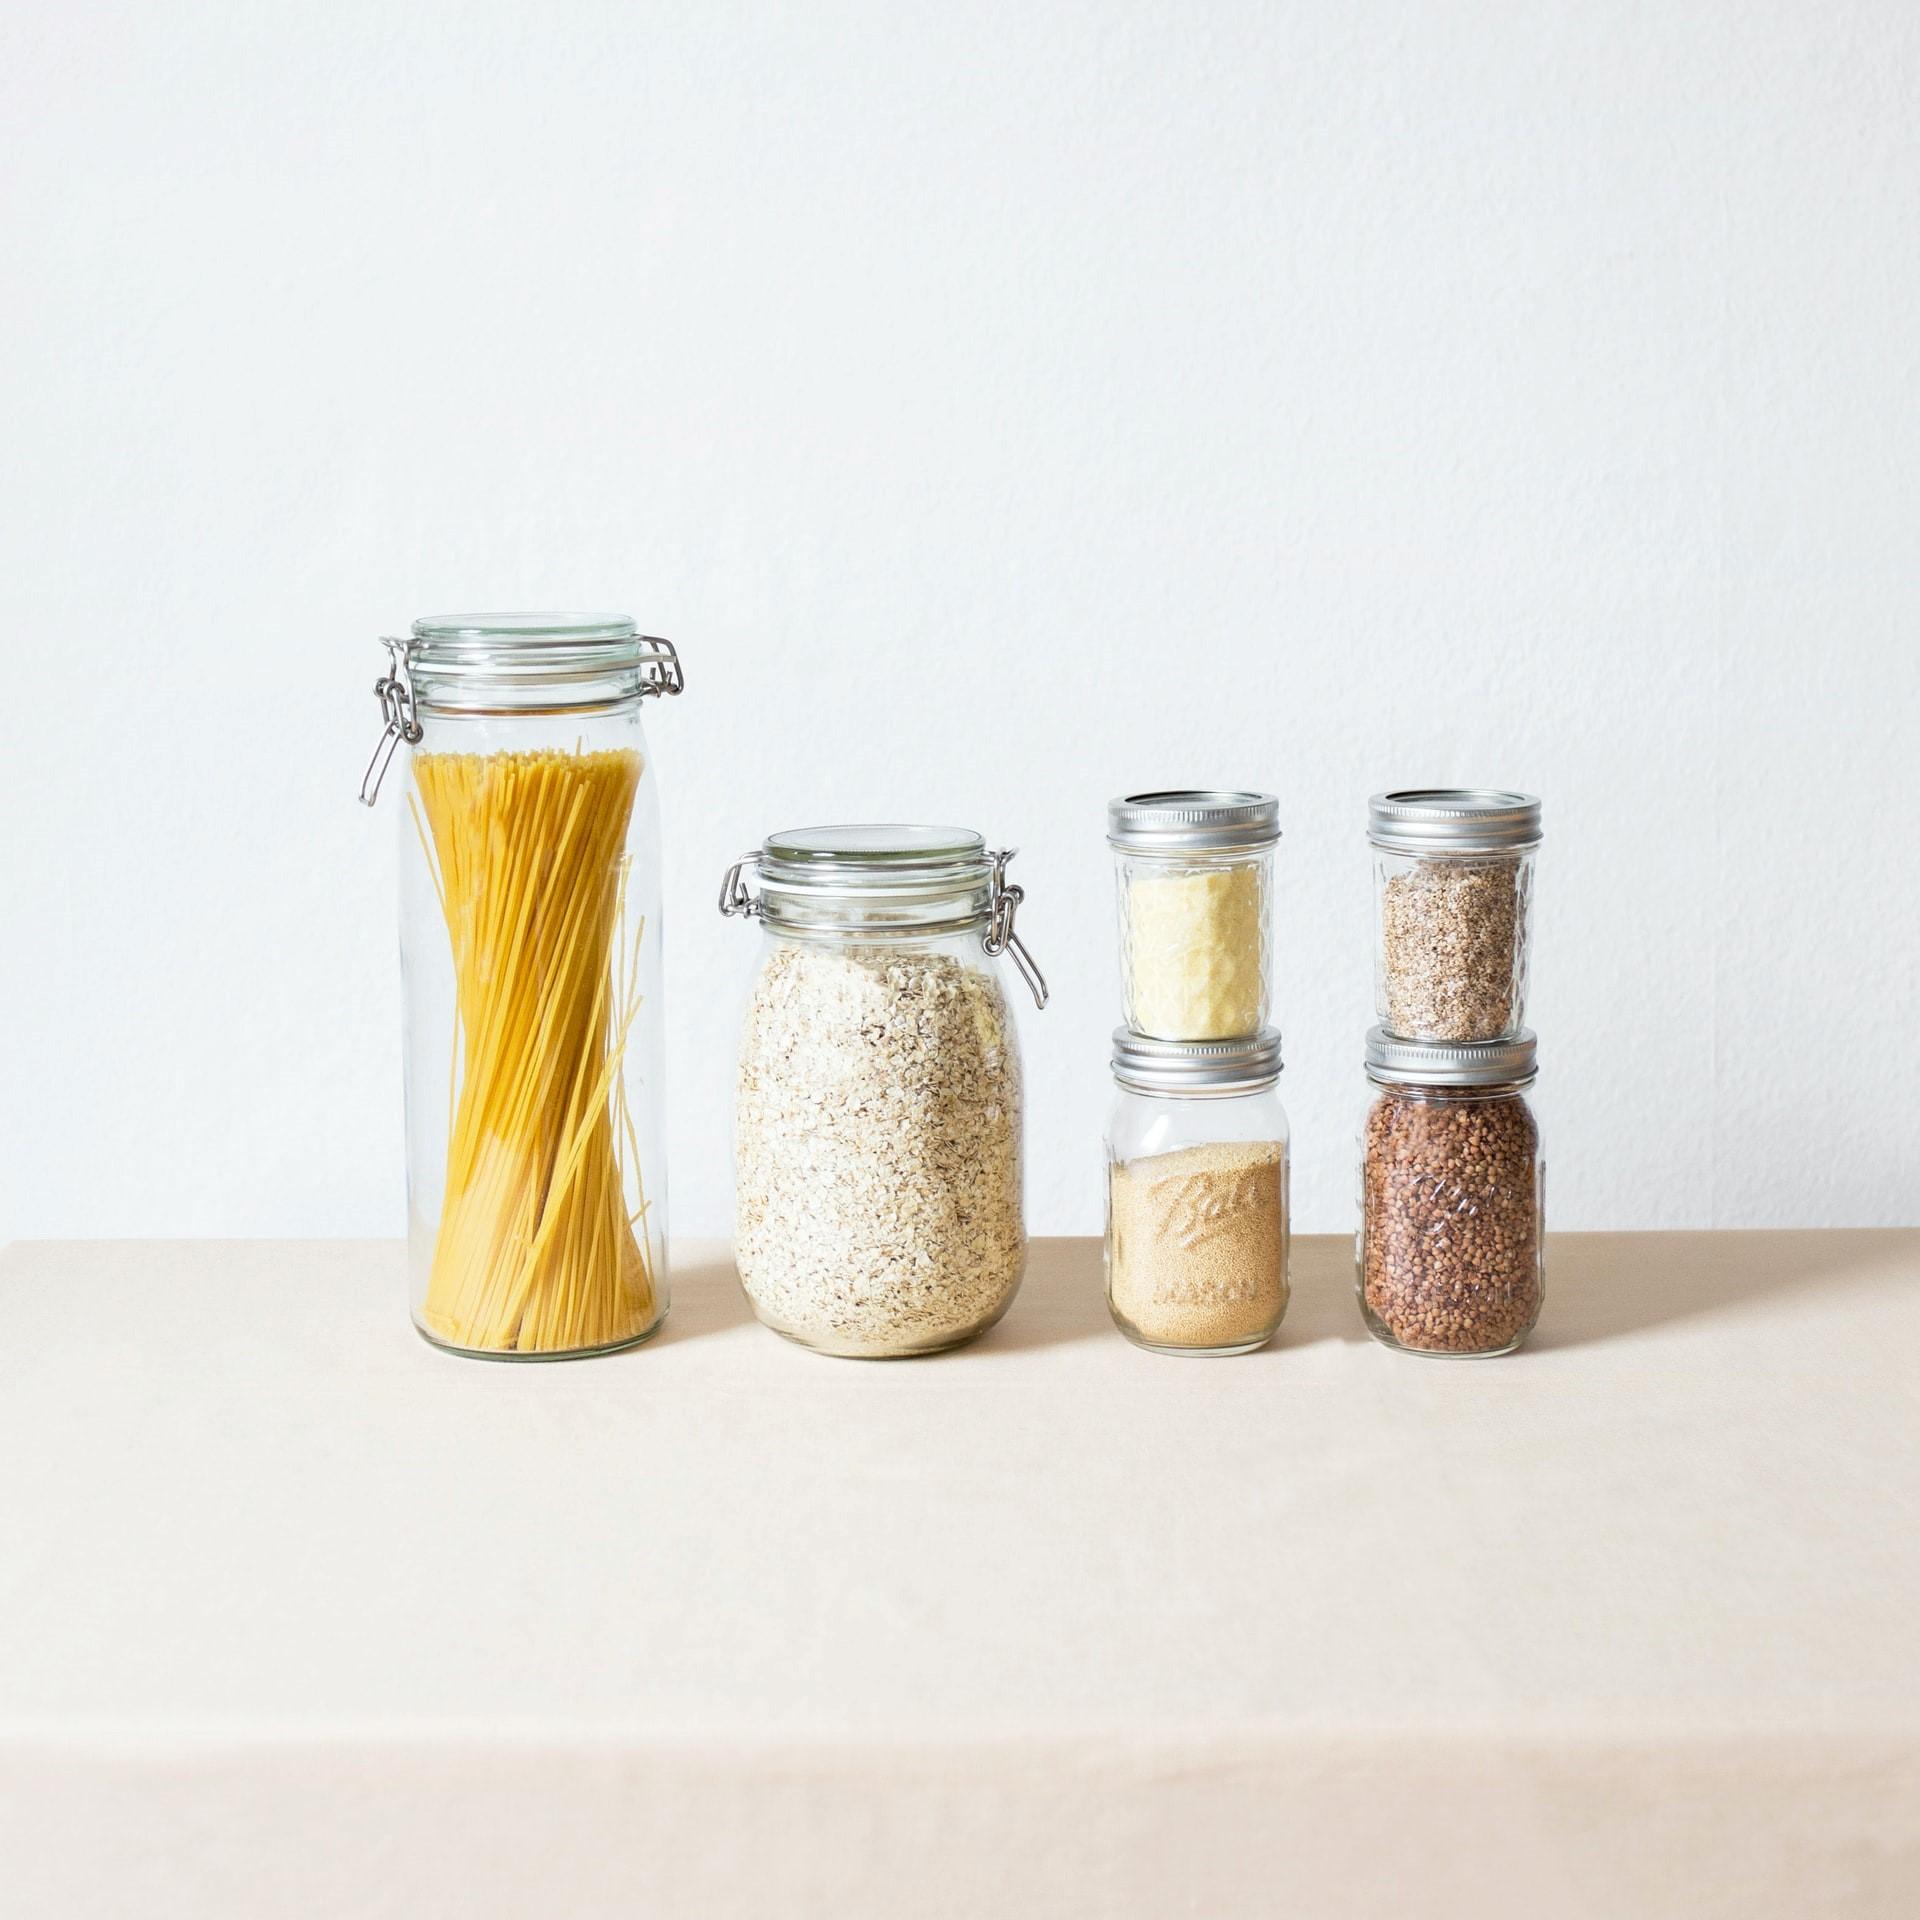 Des bocaux de maçon remplis de pâtes, de graines et d'herbes.